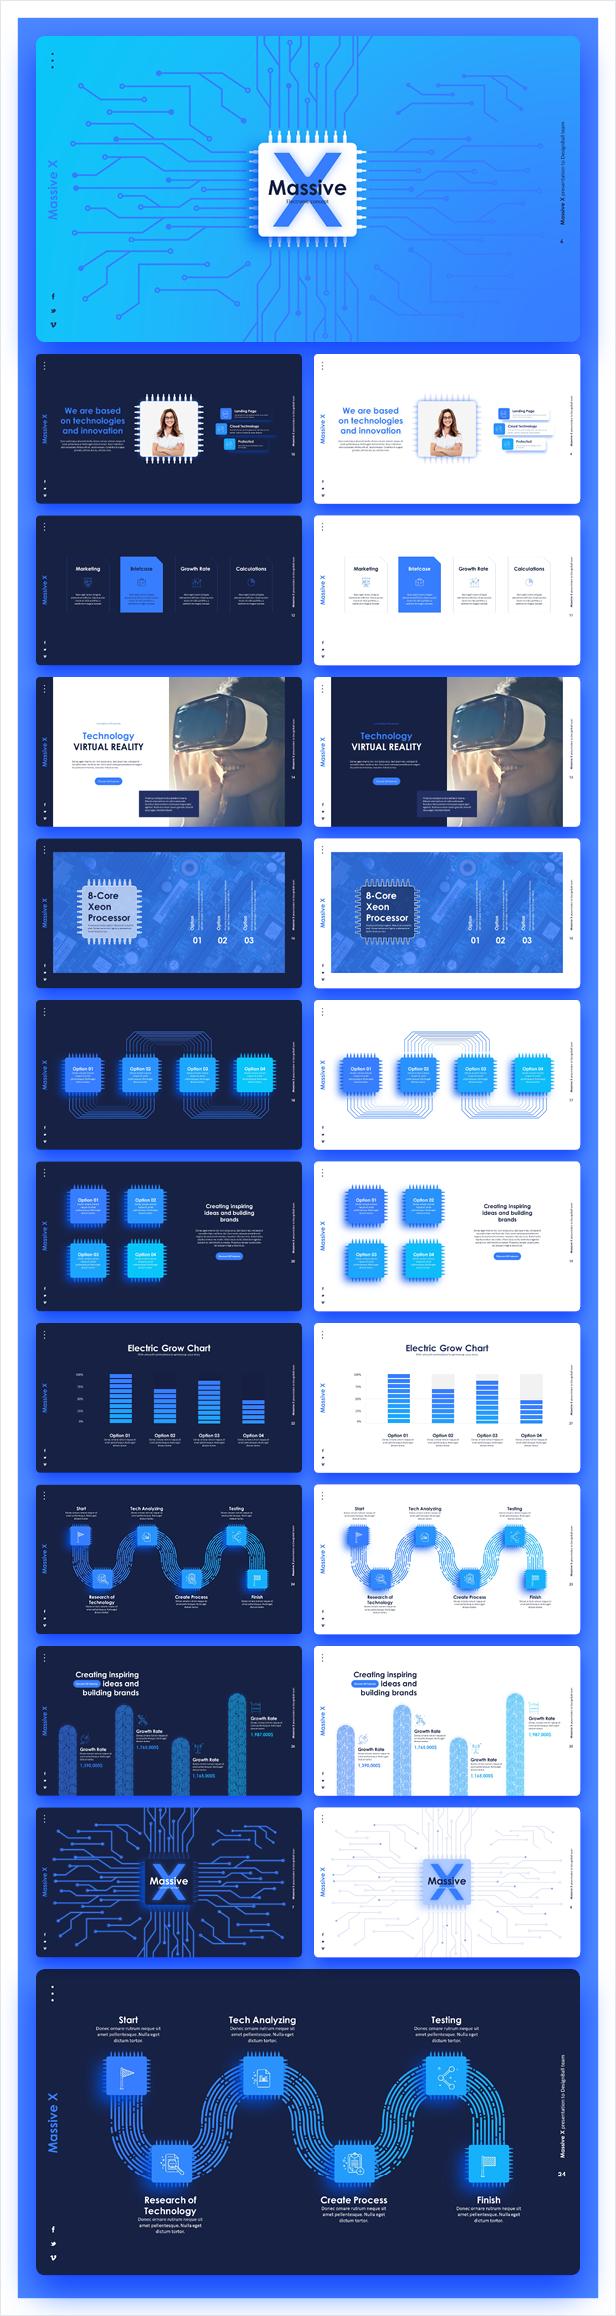 Massive X Presentation Template v.3.1 - 40